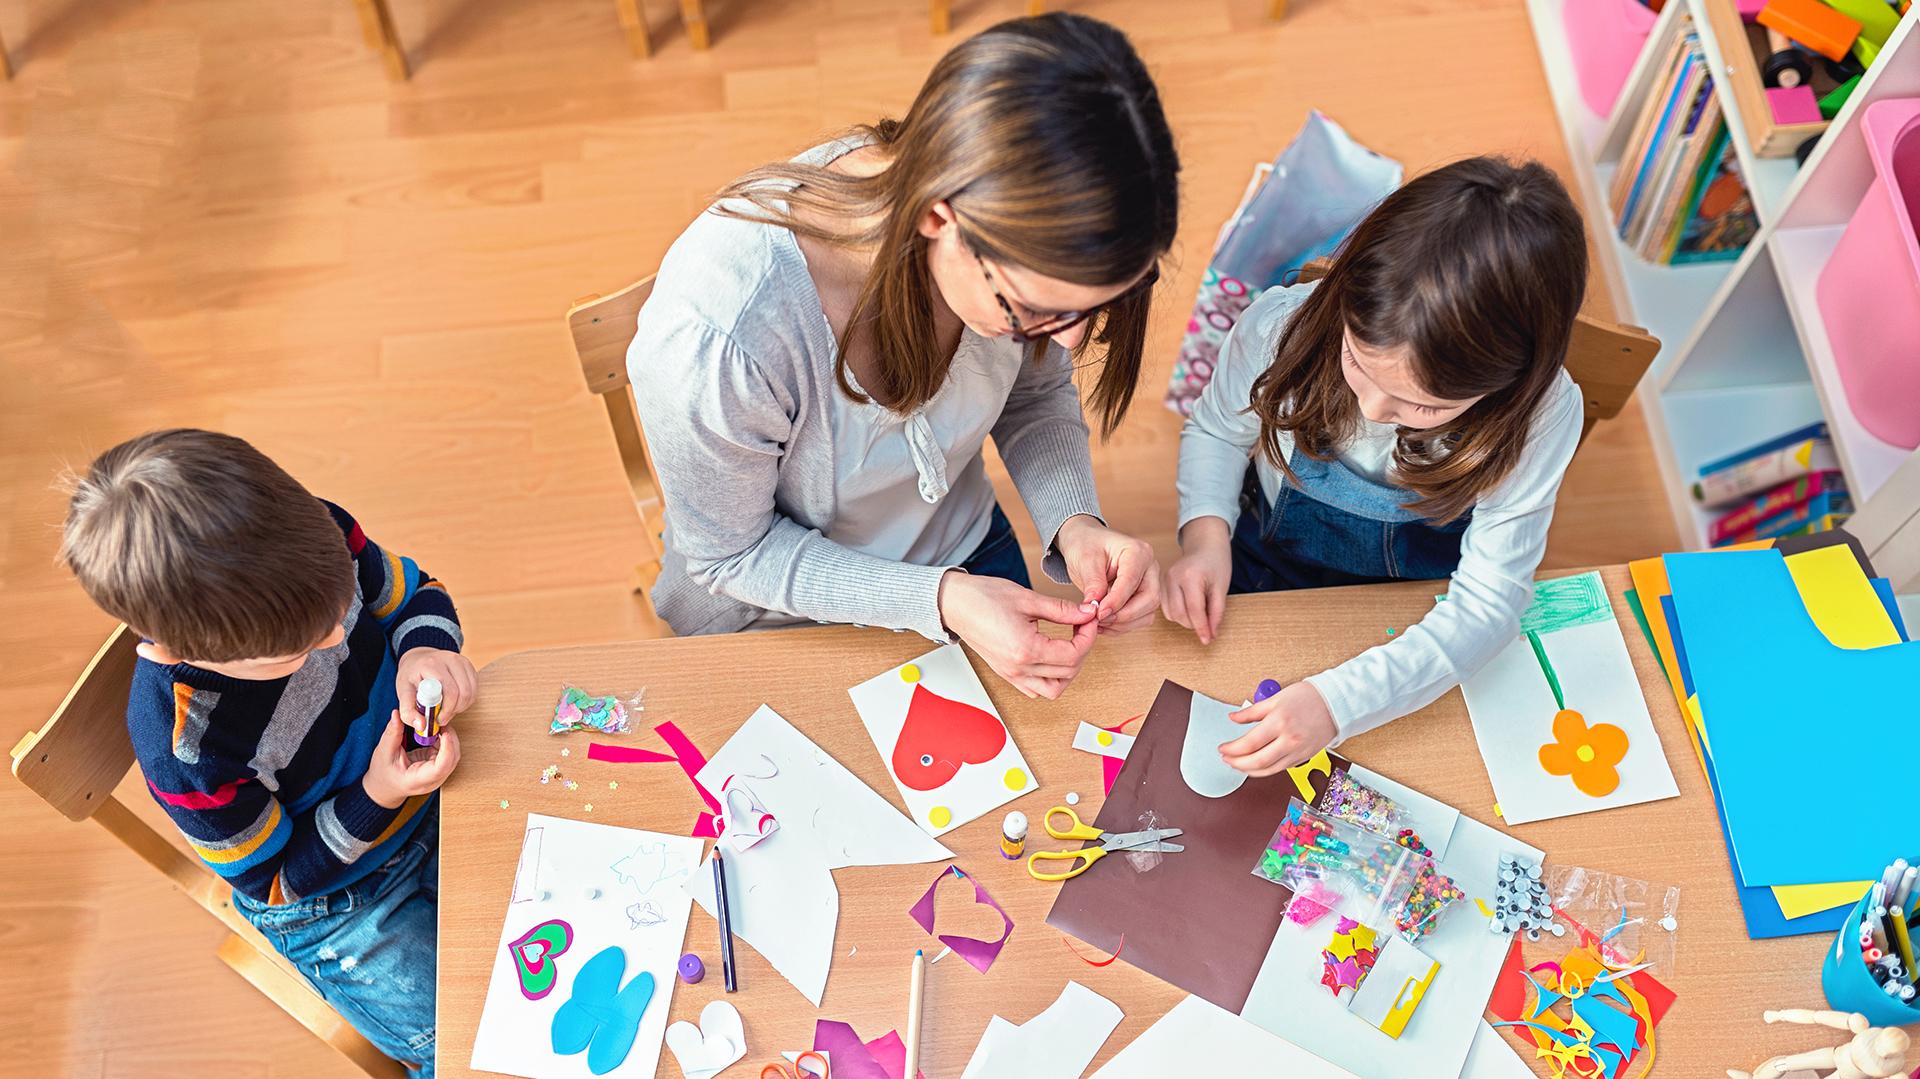 La idea es propiciar la creatividad en las escuelas (Getty)